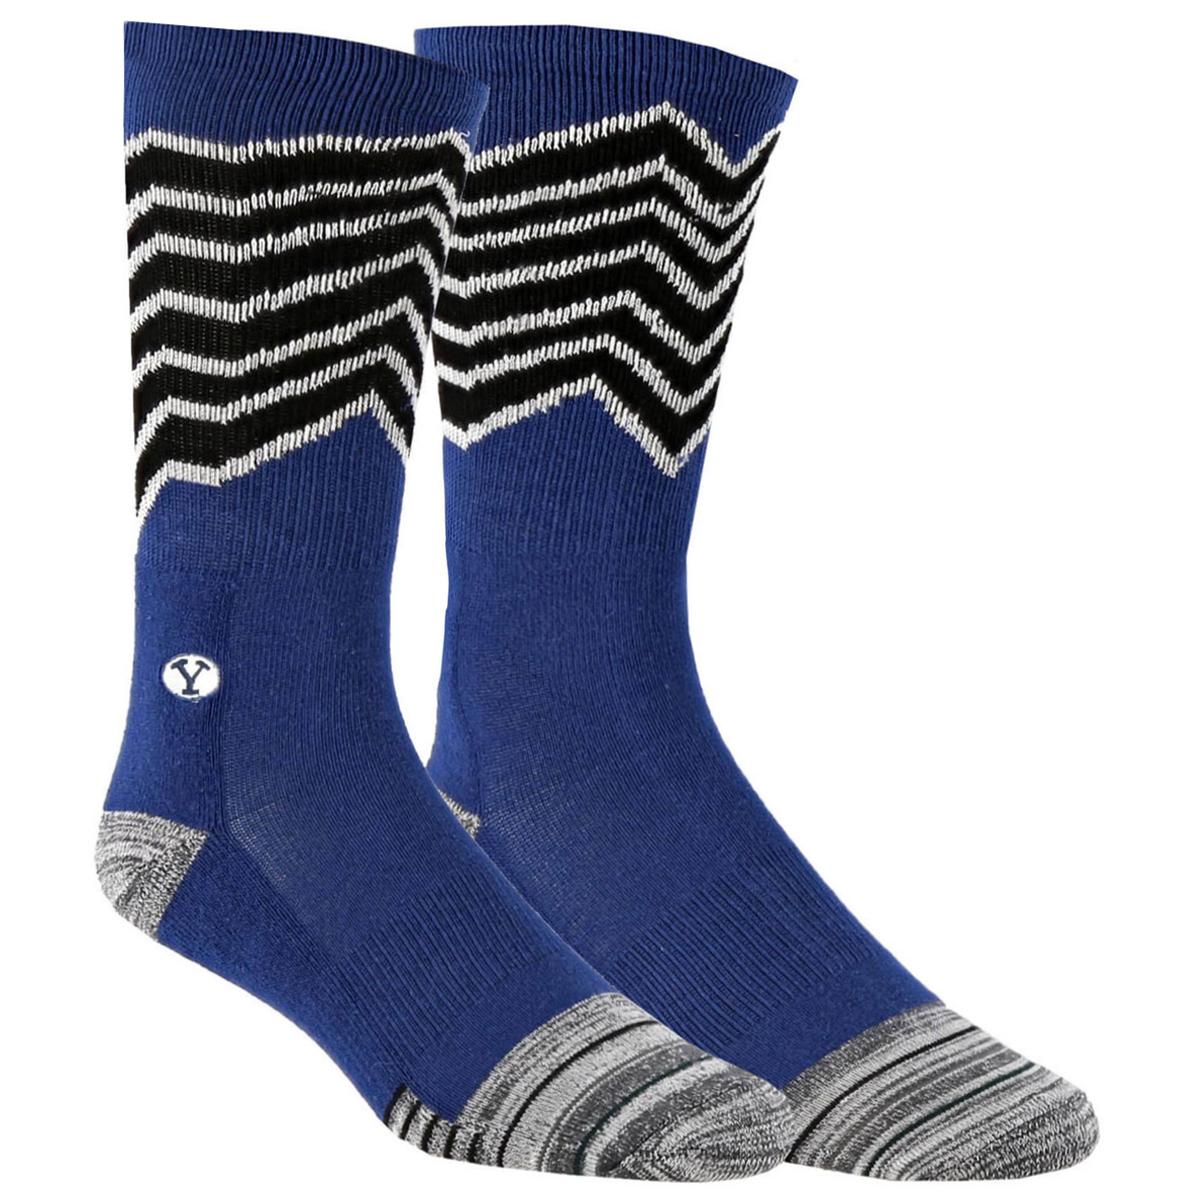 Oval Y BYU Crew Socks - BSC